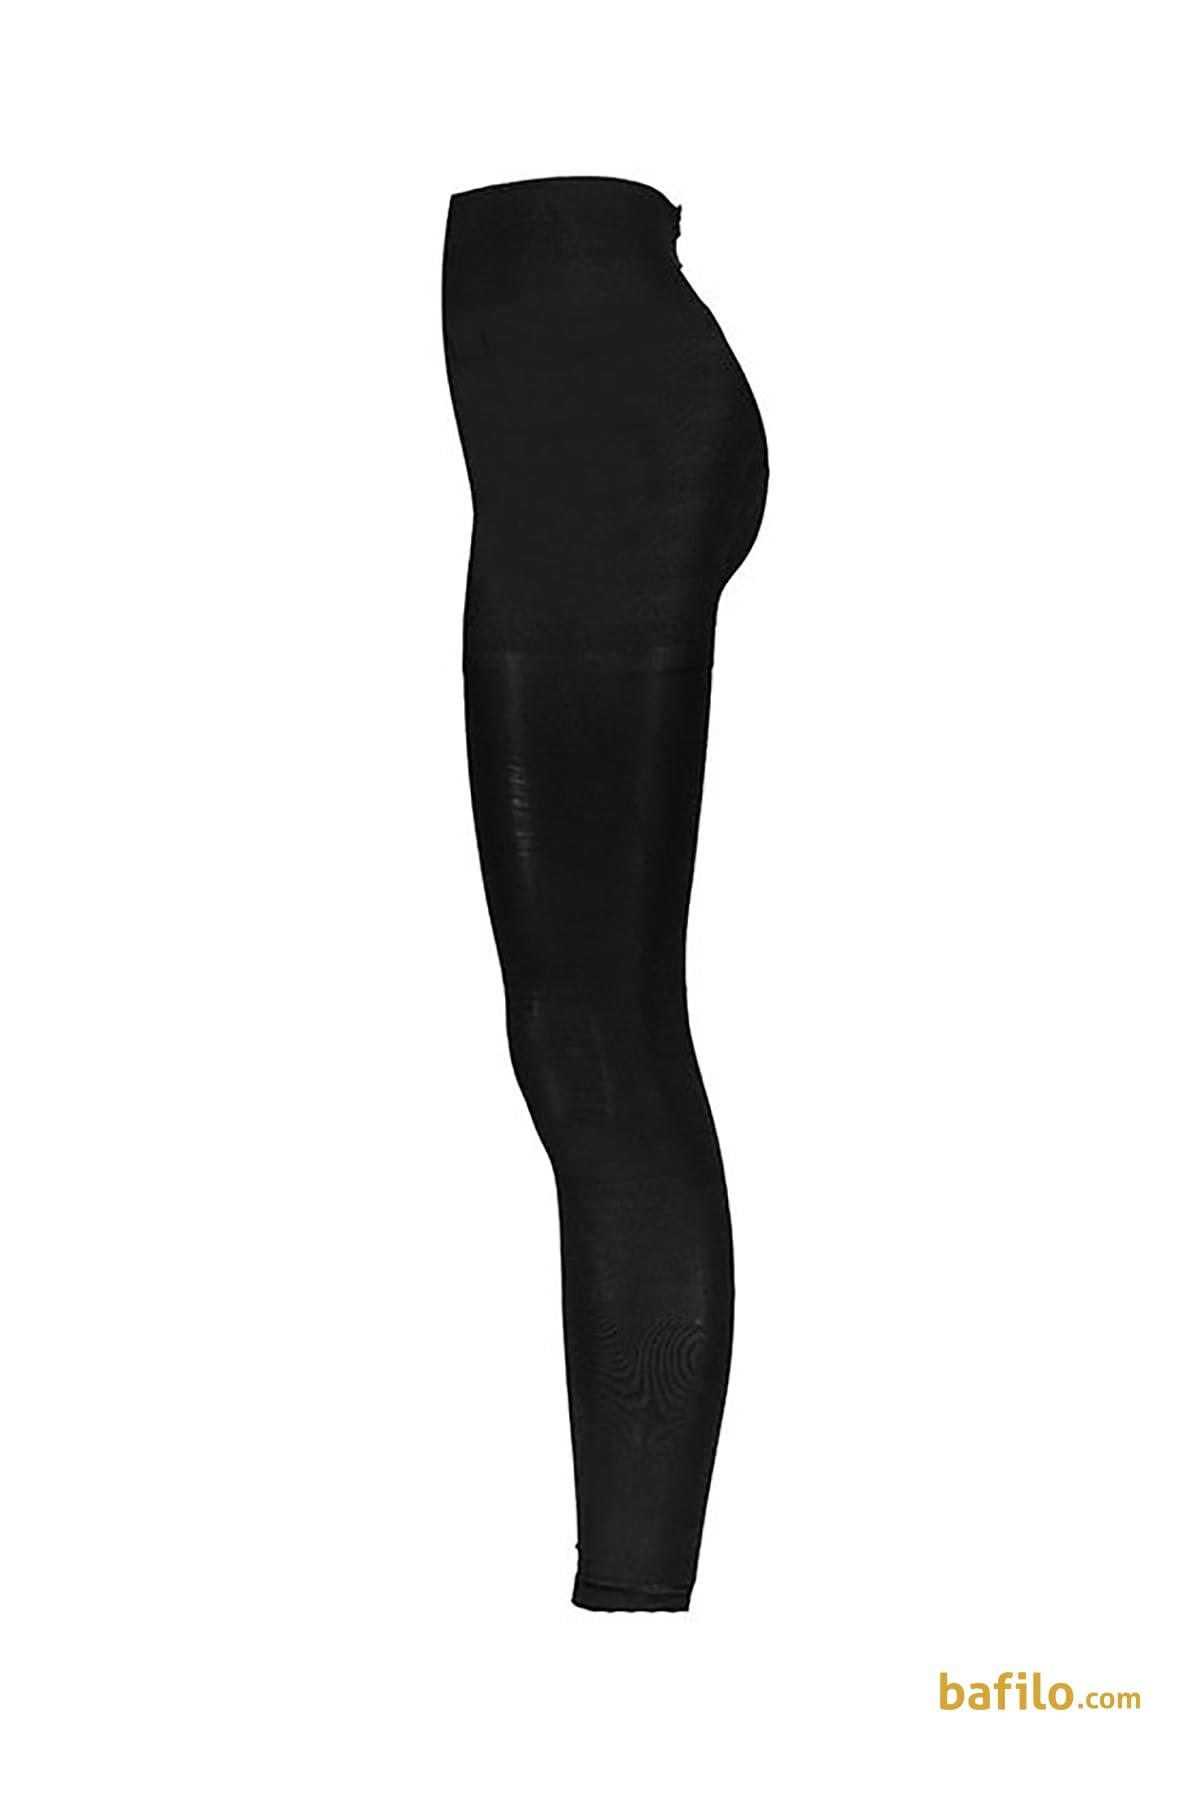 لگینگ ضخیم براق زنانه ایتالیانا Micro 200 - مشکی